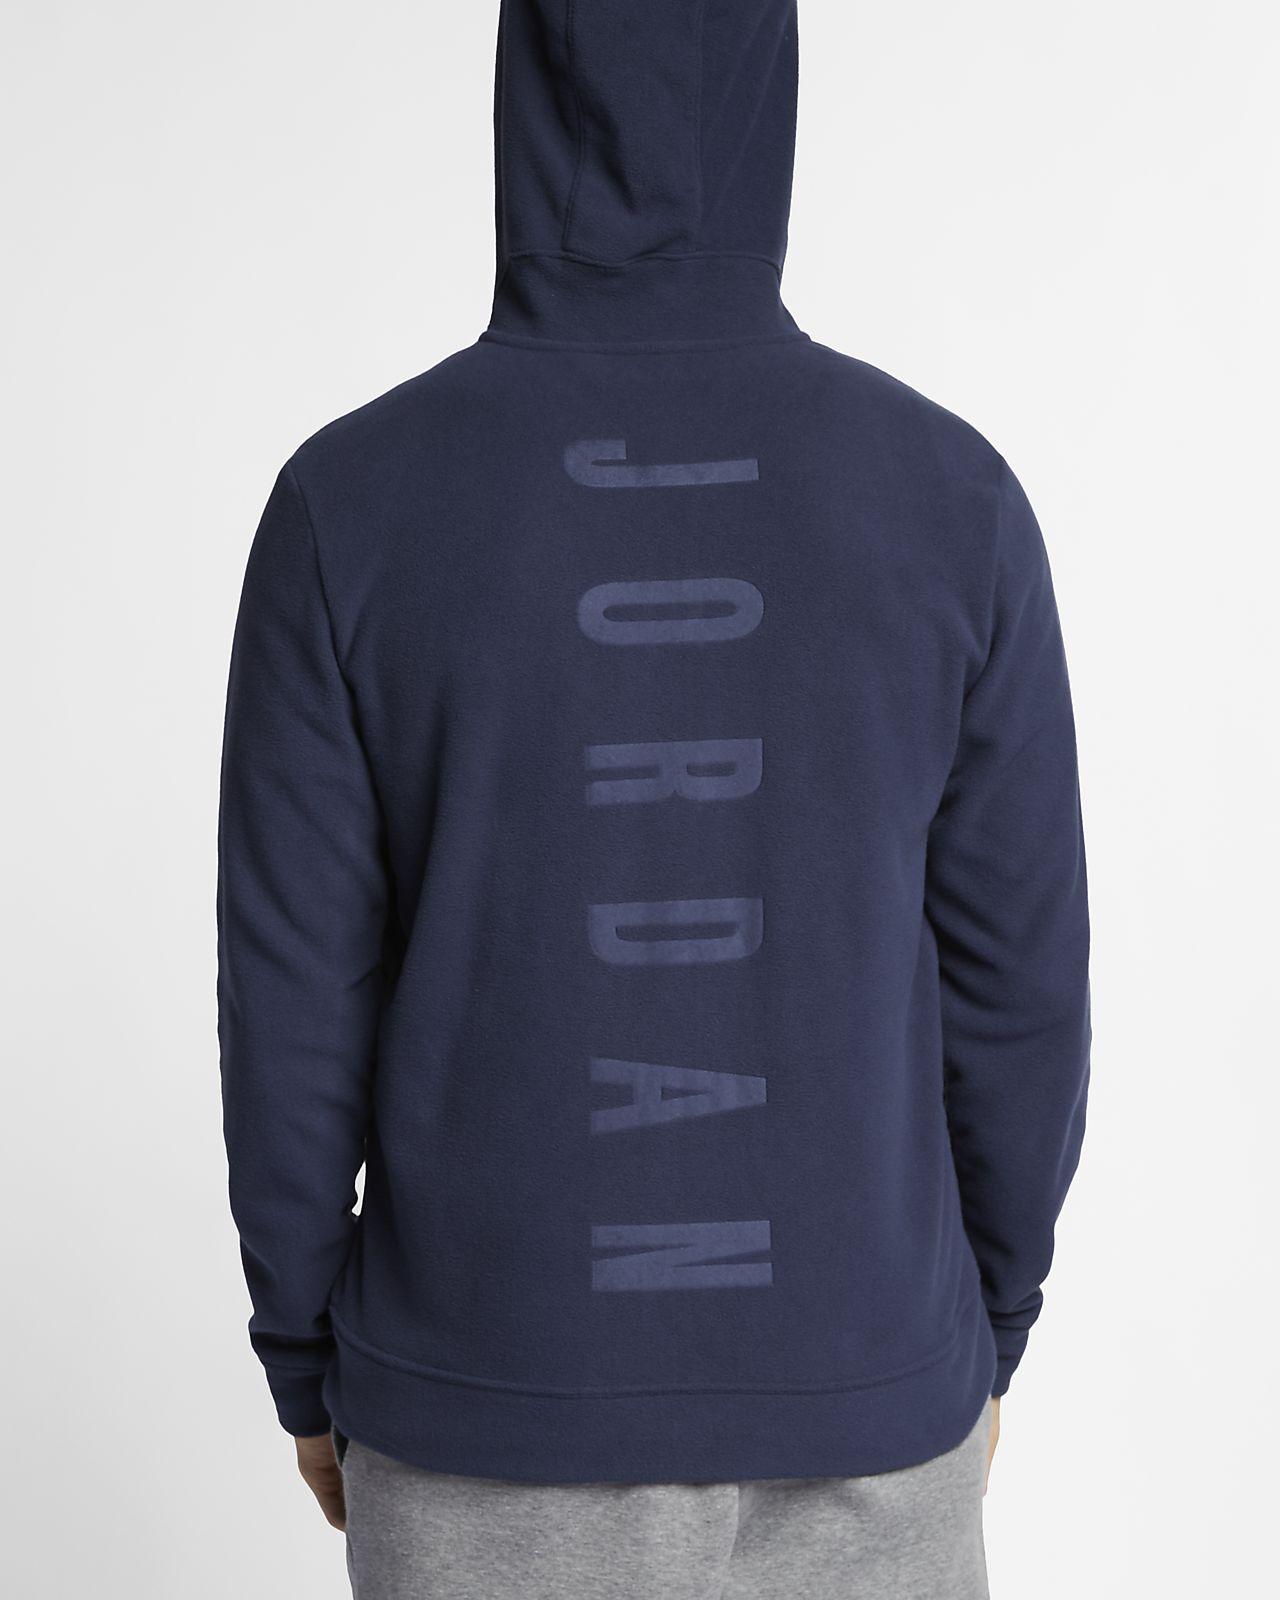 bb668686791 Jordan Therma 23 Alpha Men s Full-Zip Training Hoodie. Nike.com DK